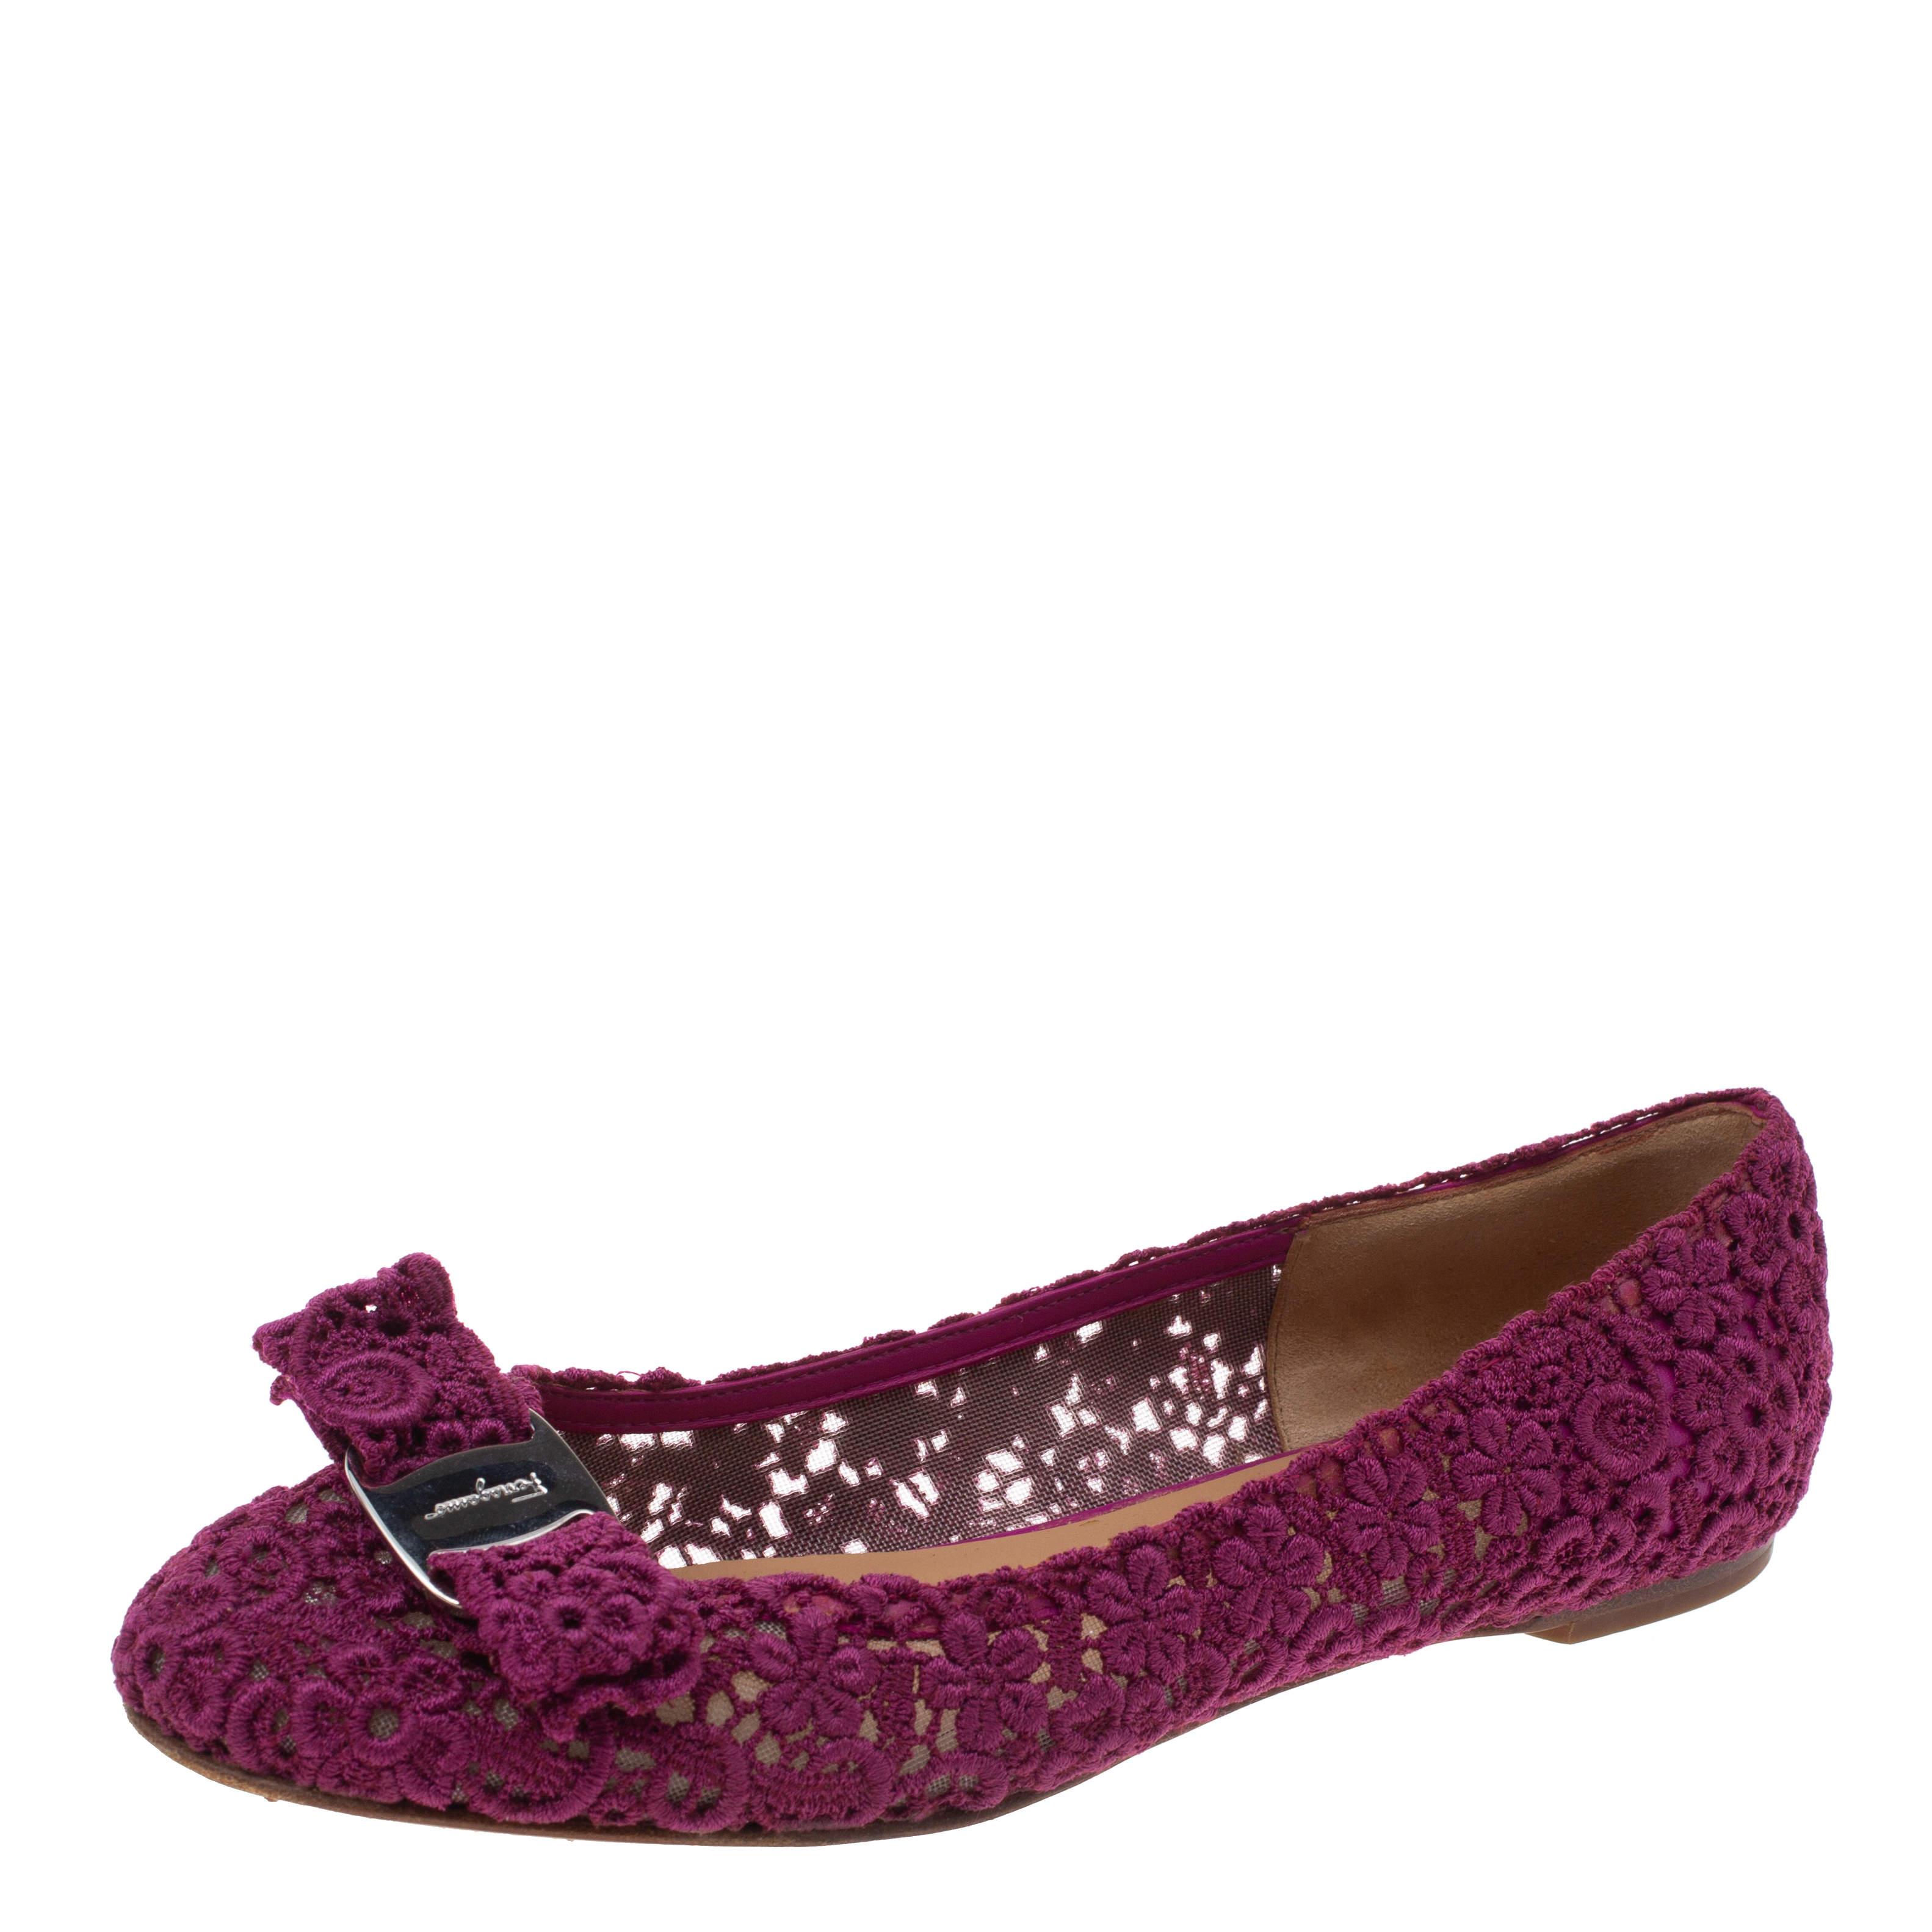 Salvatore Ferragamo Purple Floral Crochet Lace Estelle Bow Ballet Flat Size 37